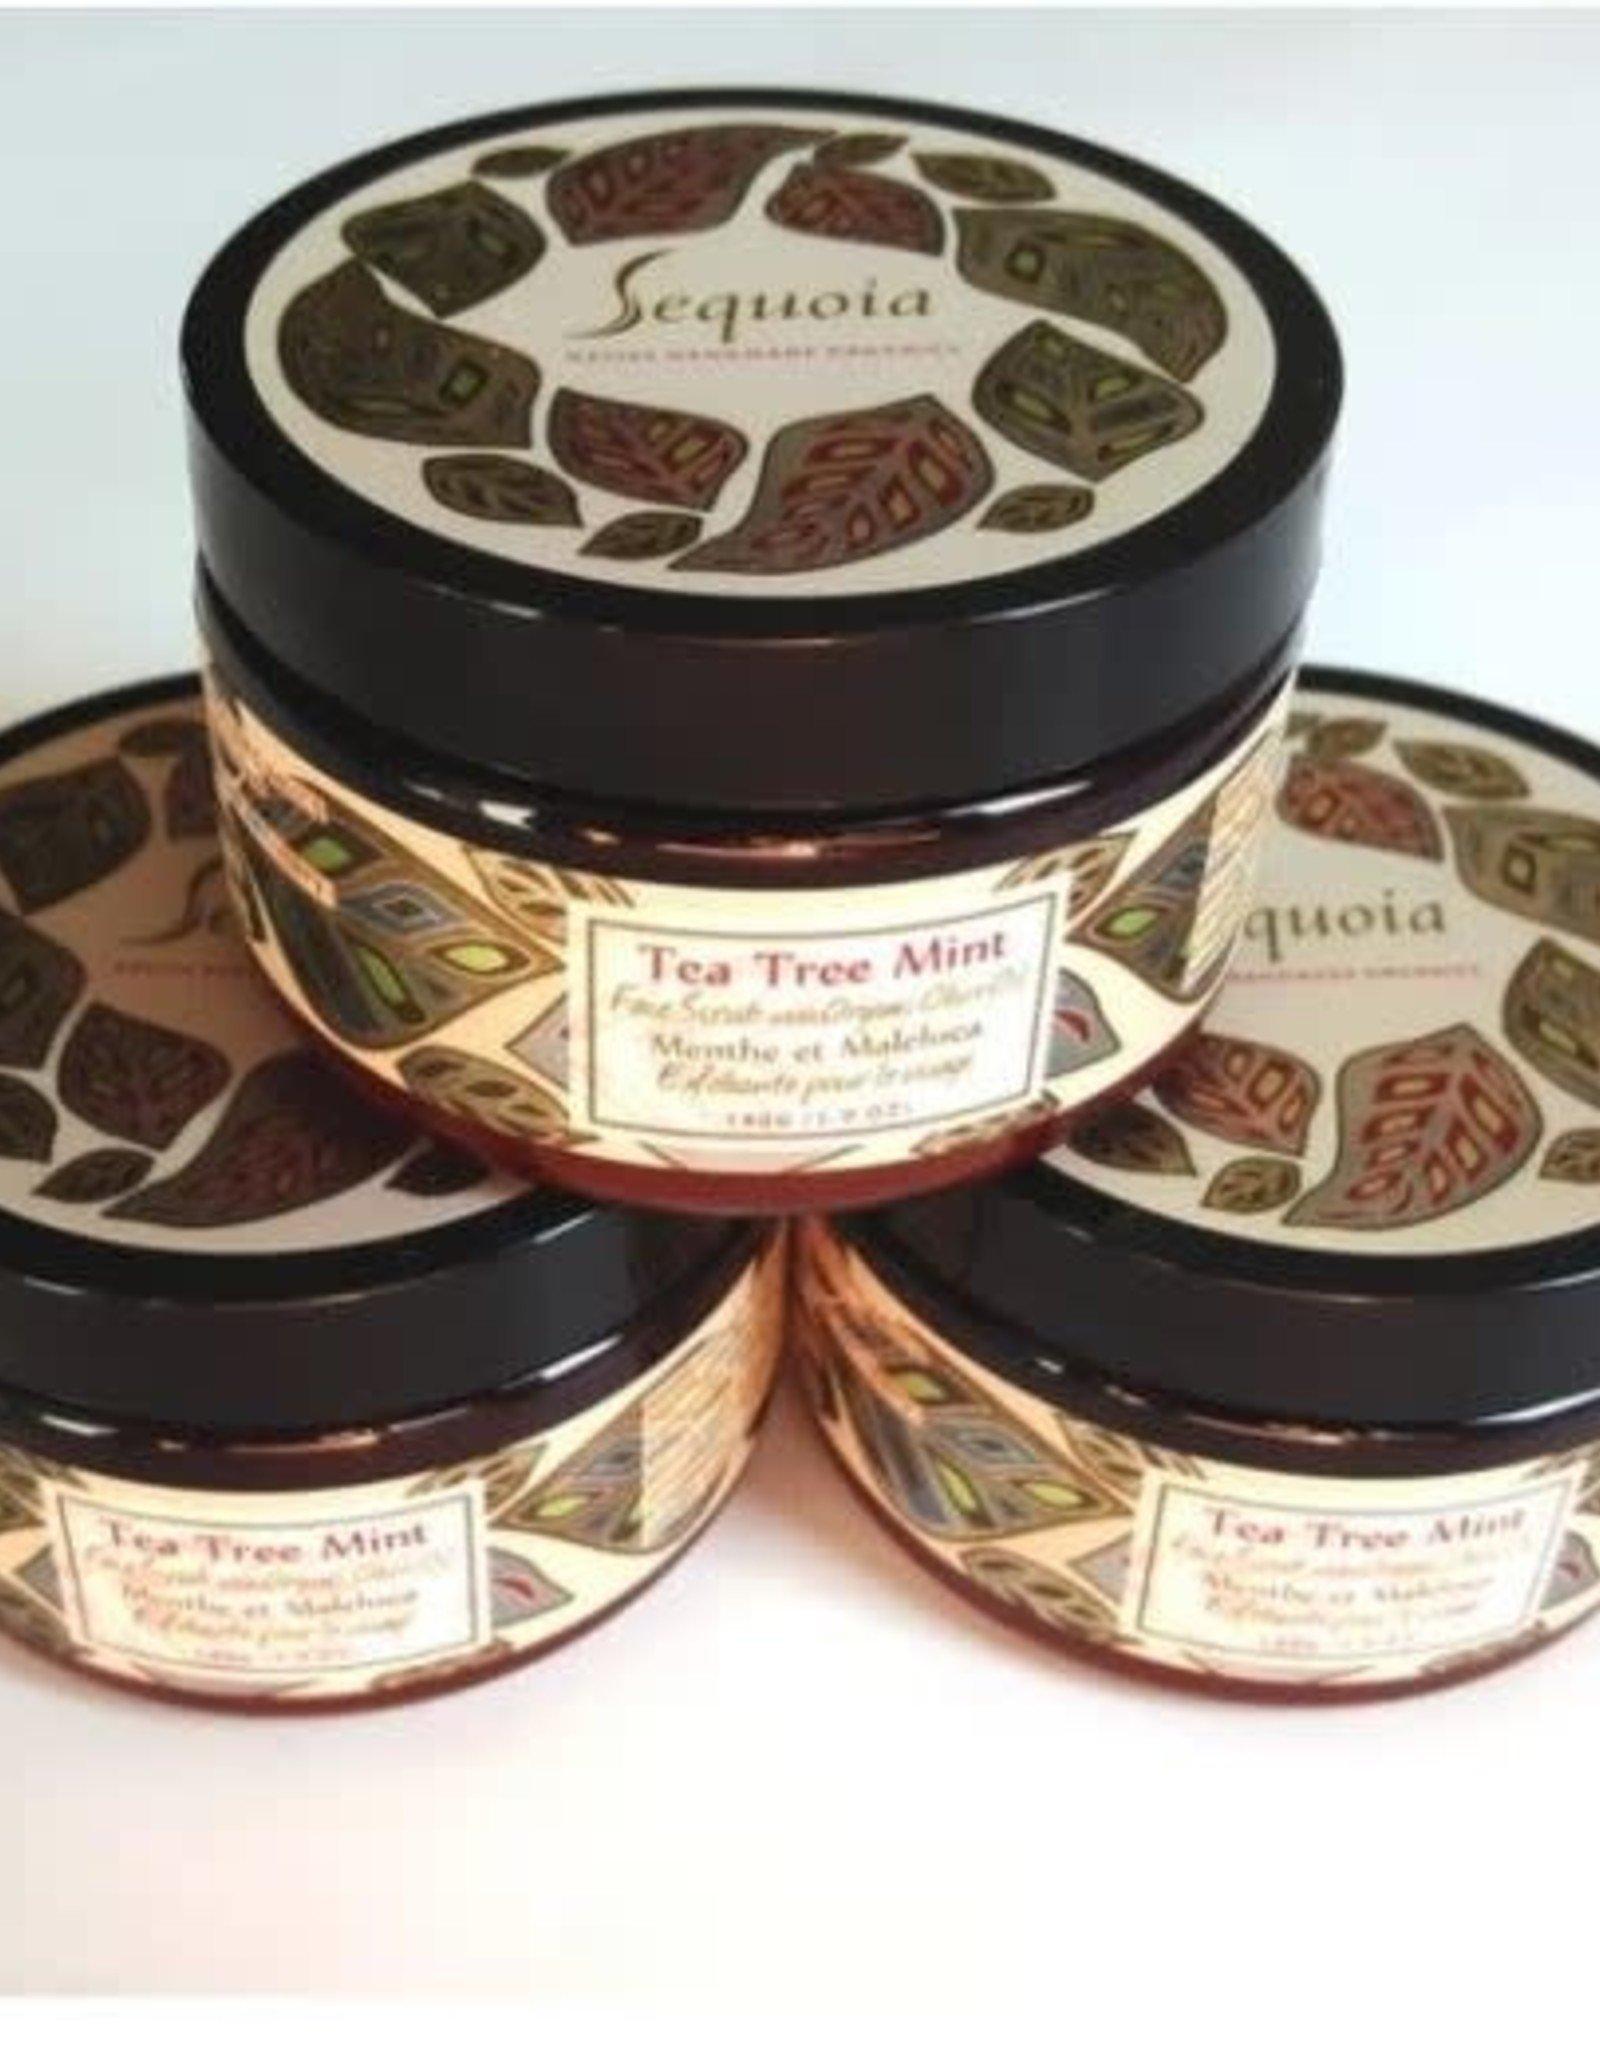 Sequoia Tea Tree Mint Face Scrub -5oz